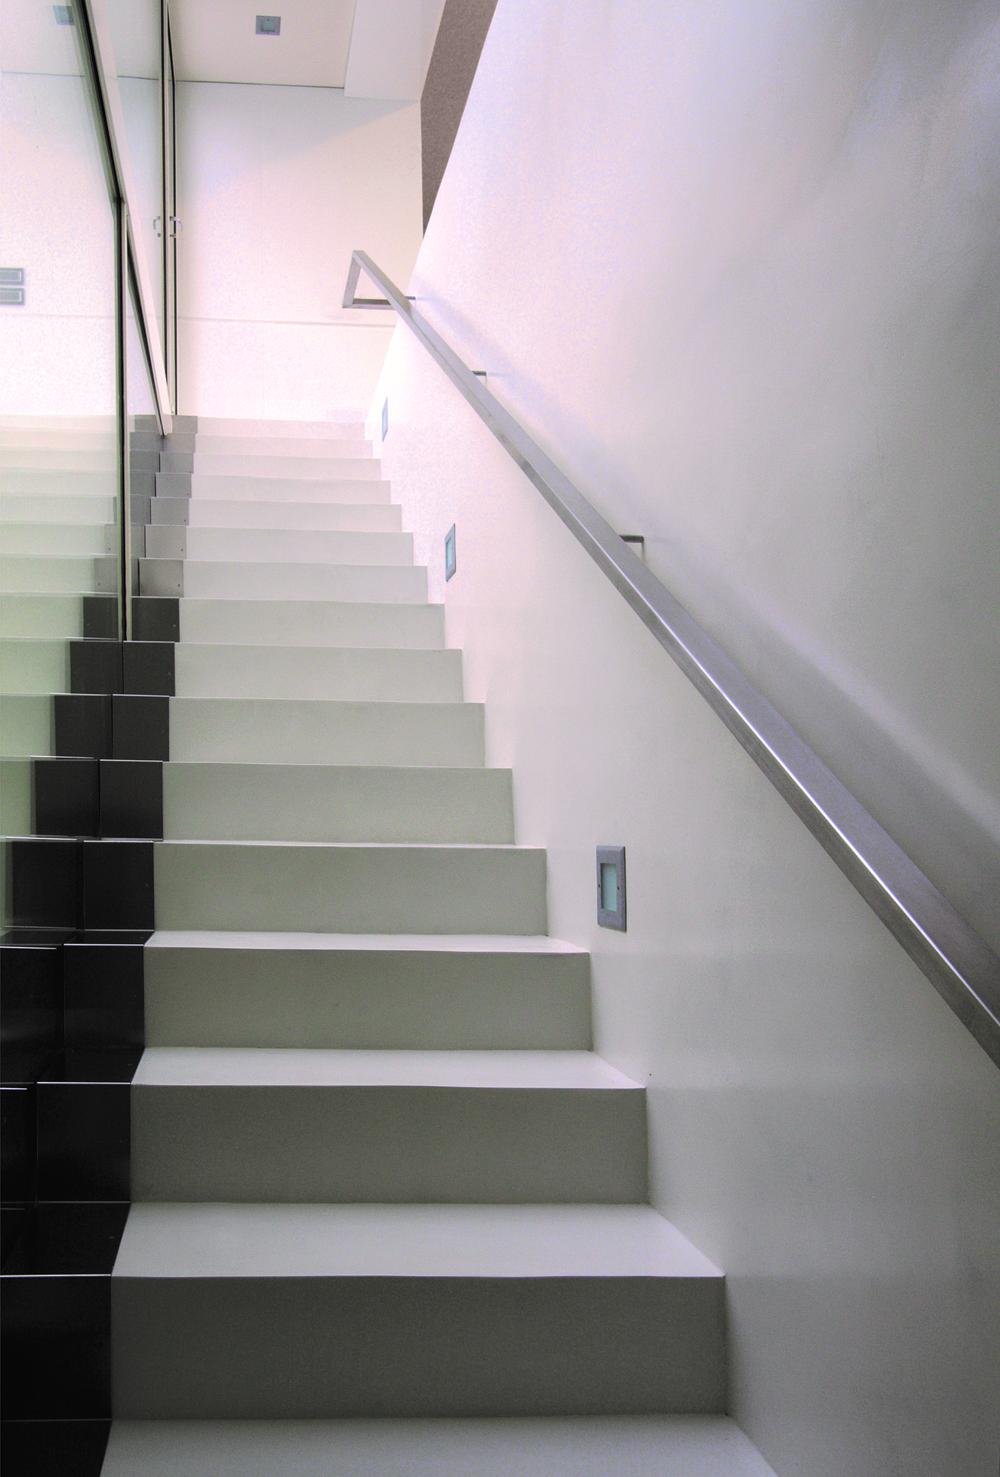 dettaglio scale passamano in alluminio e faretti incassati a muro